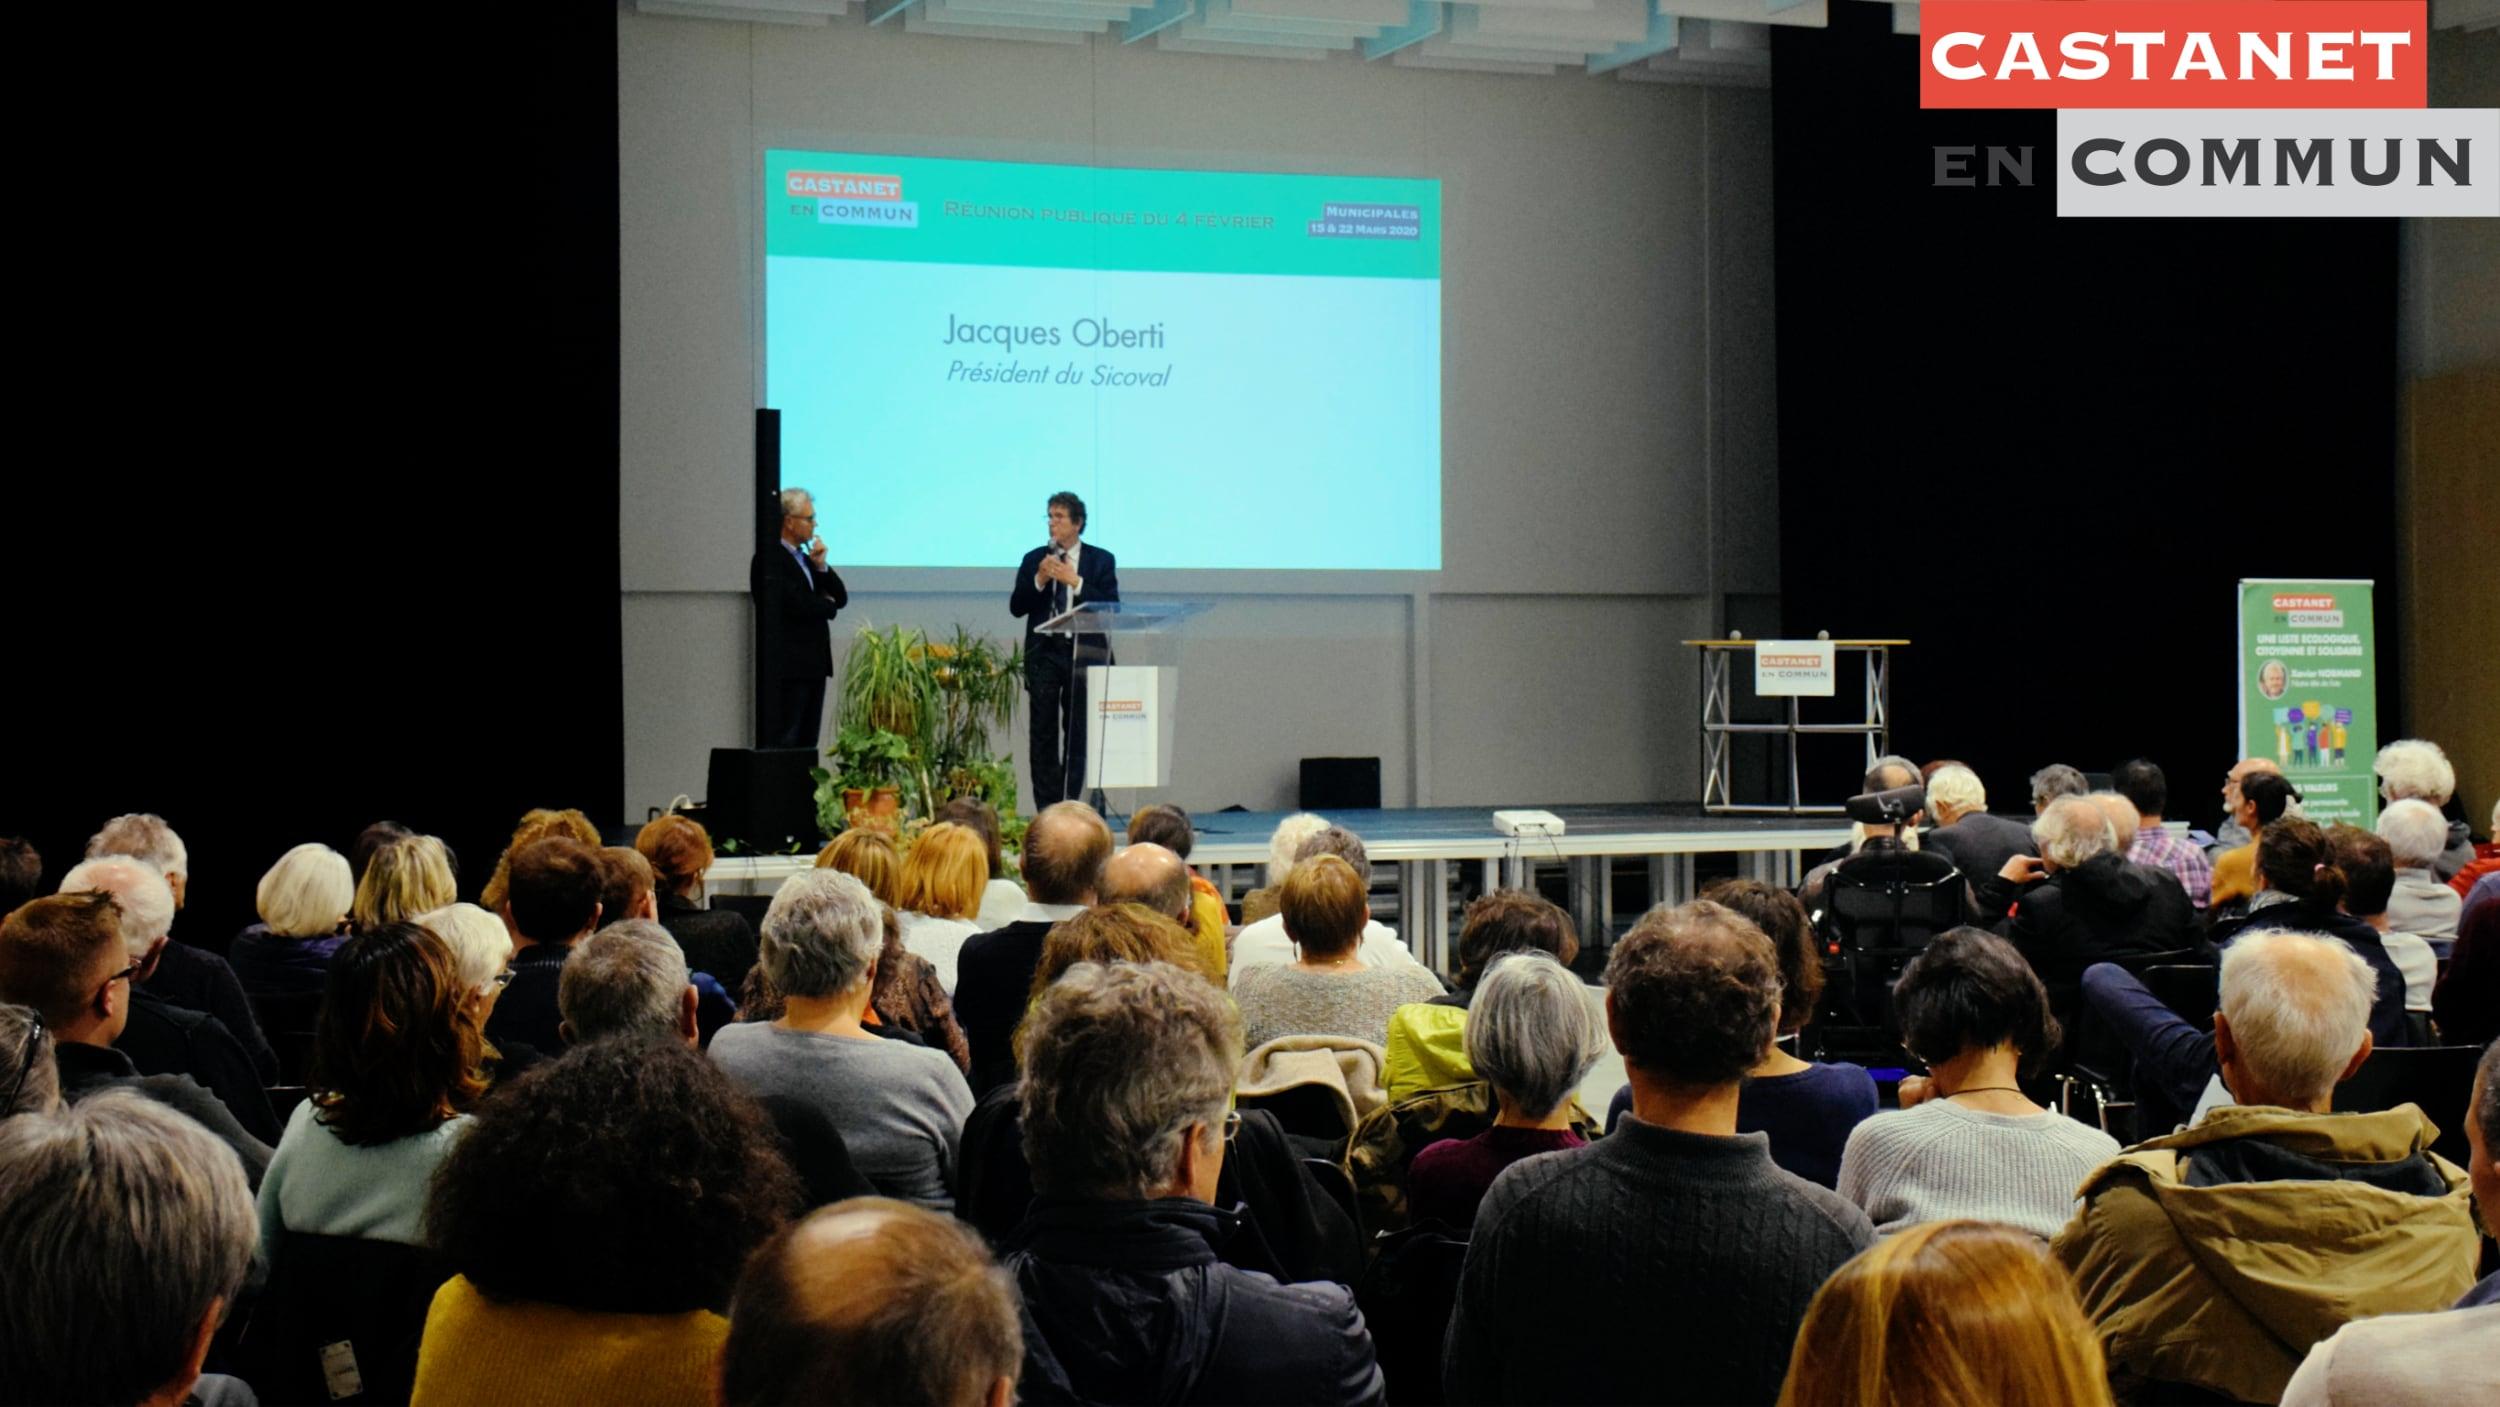 image from La coopération avec le Sicoval